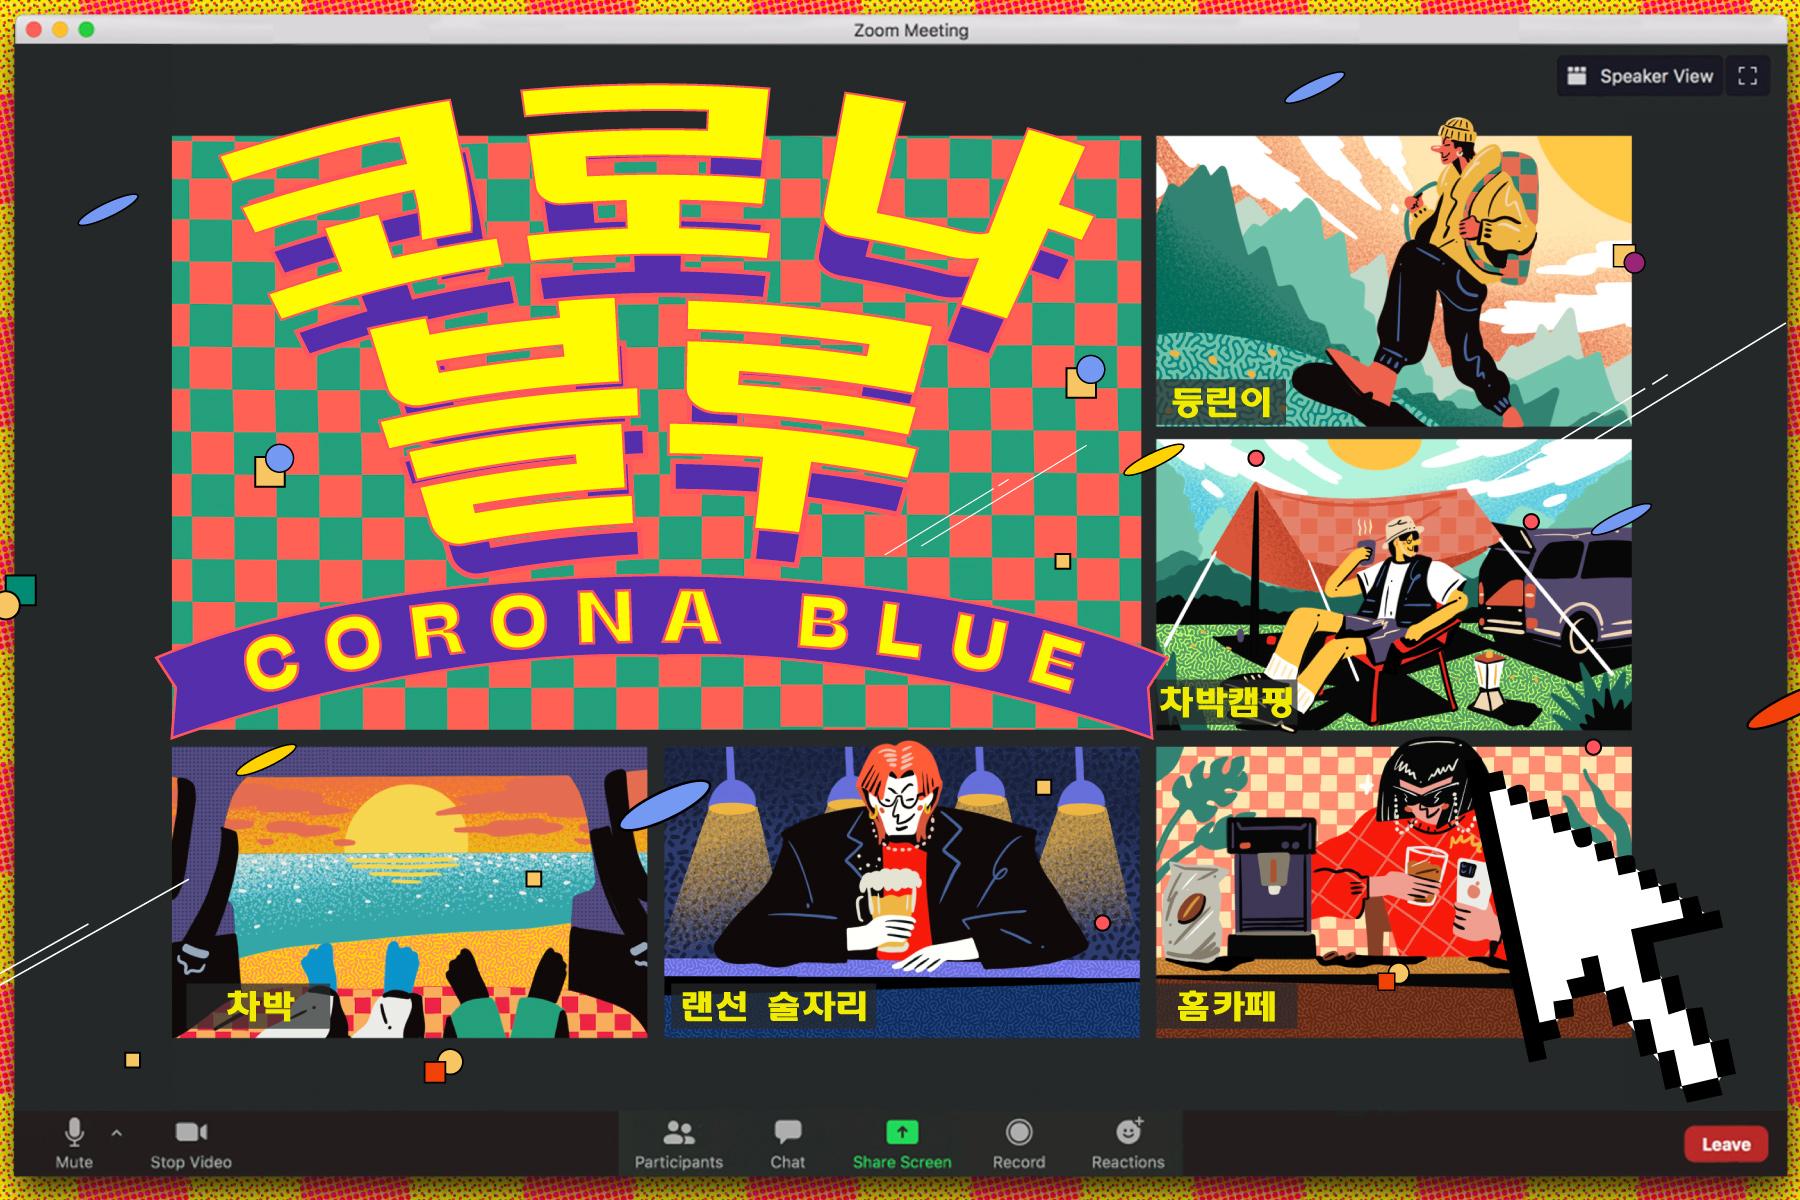 'โคโรนาบลู' และวิธีรับมือของคนเกาหลี ตั้งแต่เดินเขาคนเดียว นอนในรถ ยันเปิดโฮมคาเฟ่